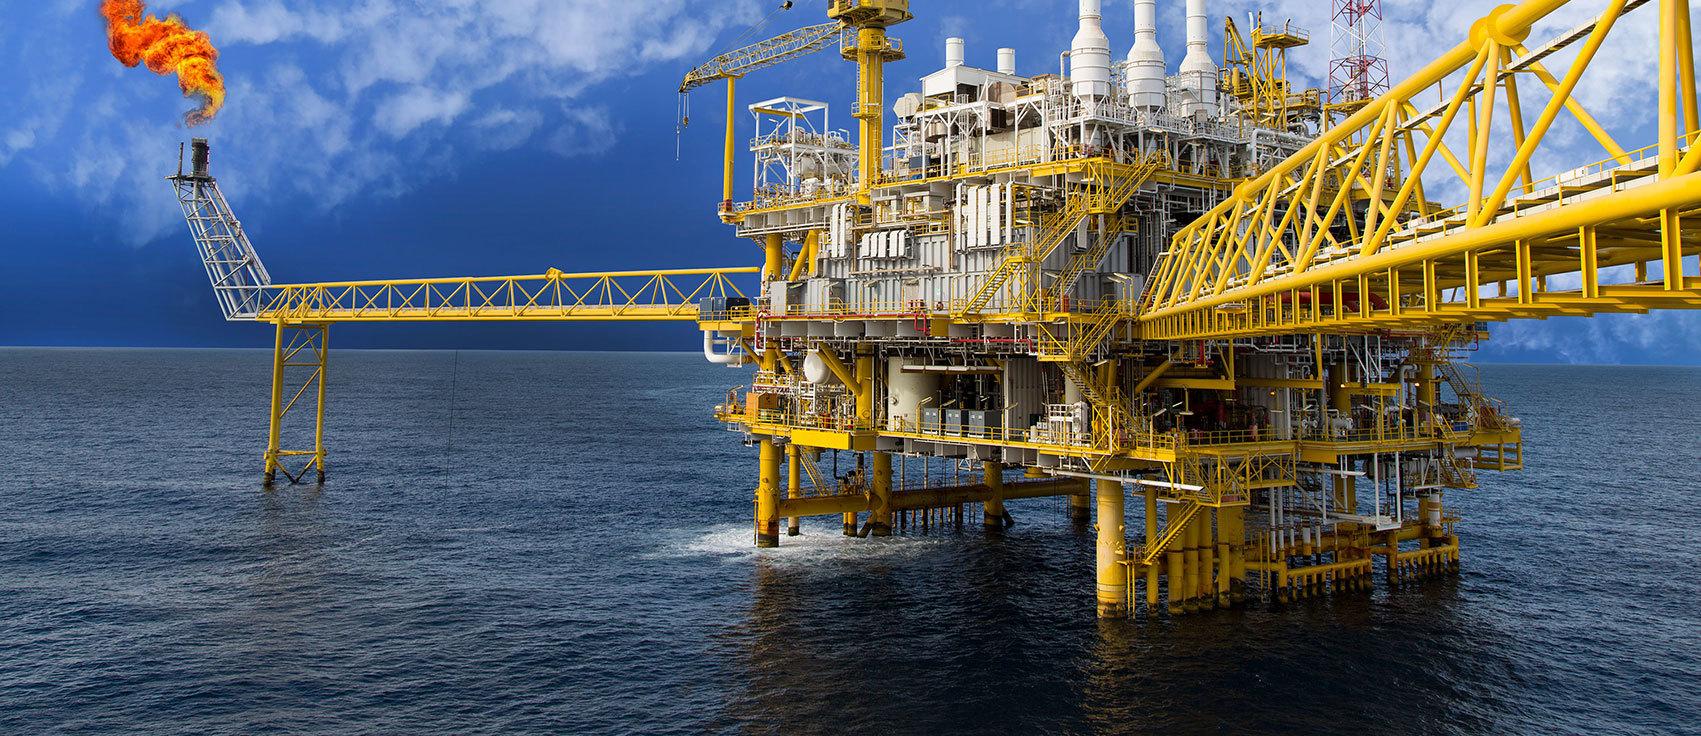 DEA и ВР начата газодобыча на 2-х новых египетских месторождениях